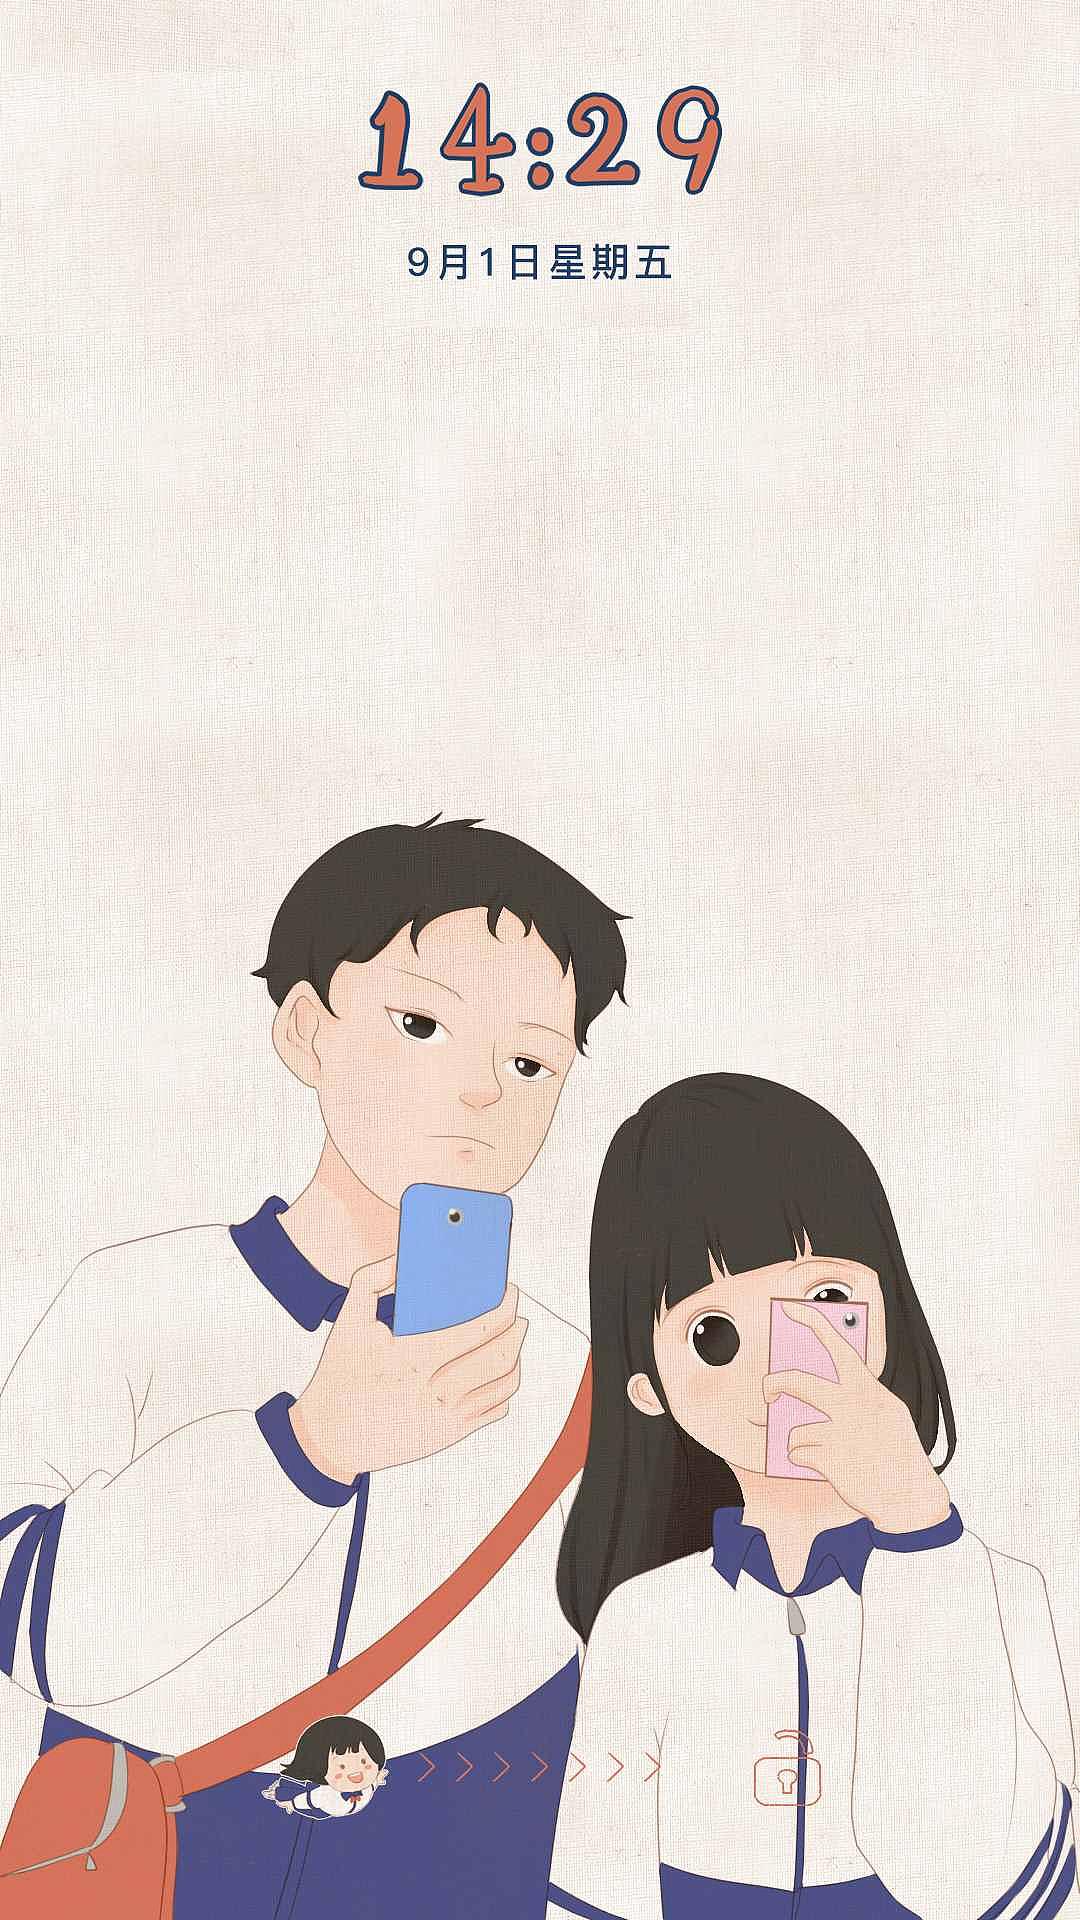 全手绘青春插画风格的手机主题|ui|主题/皮肤|漂亮婆